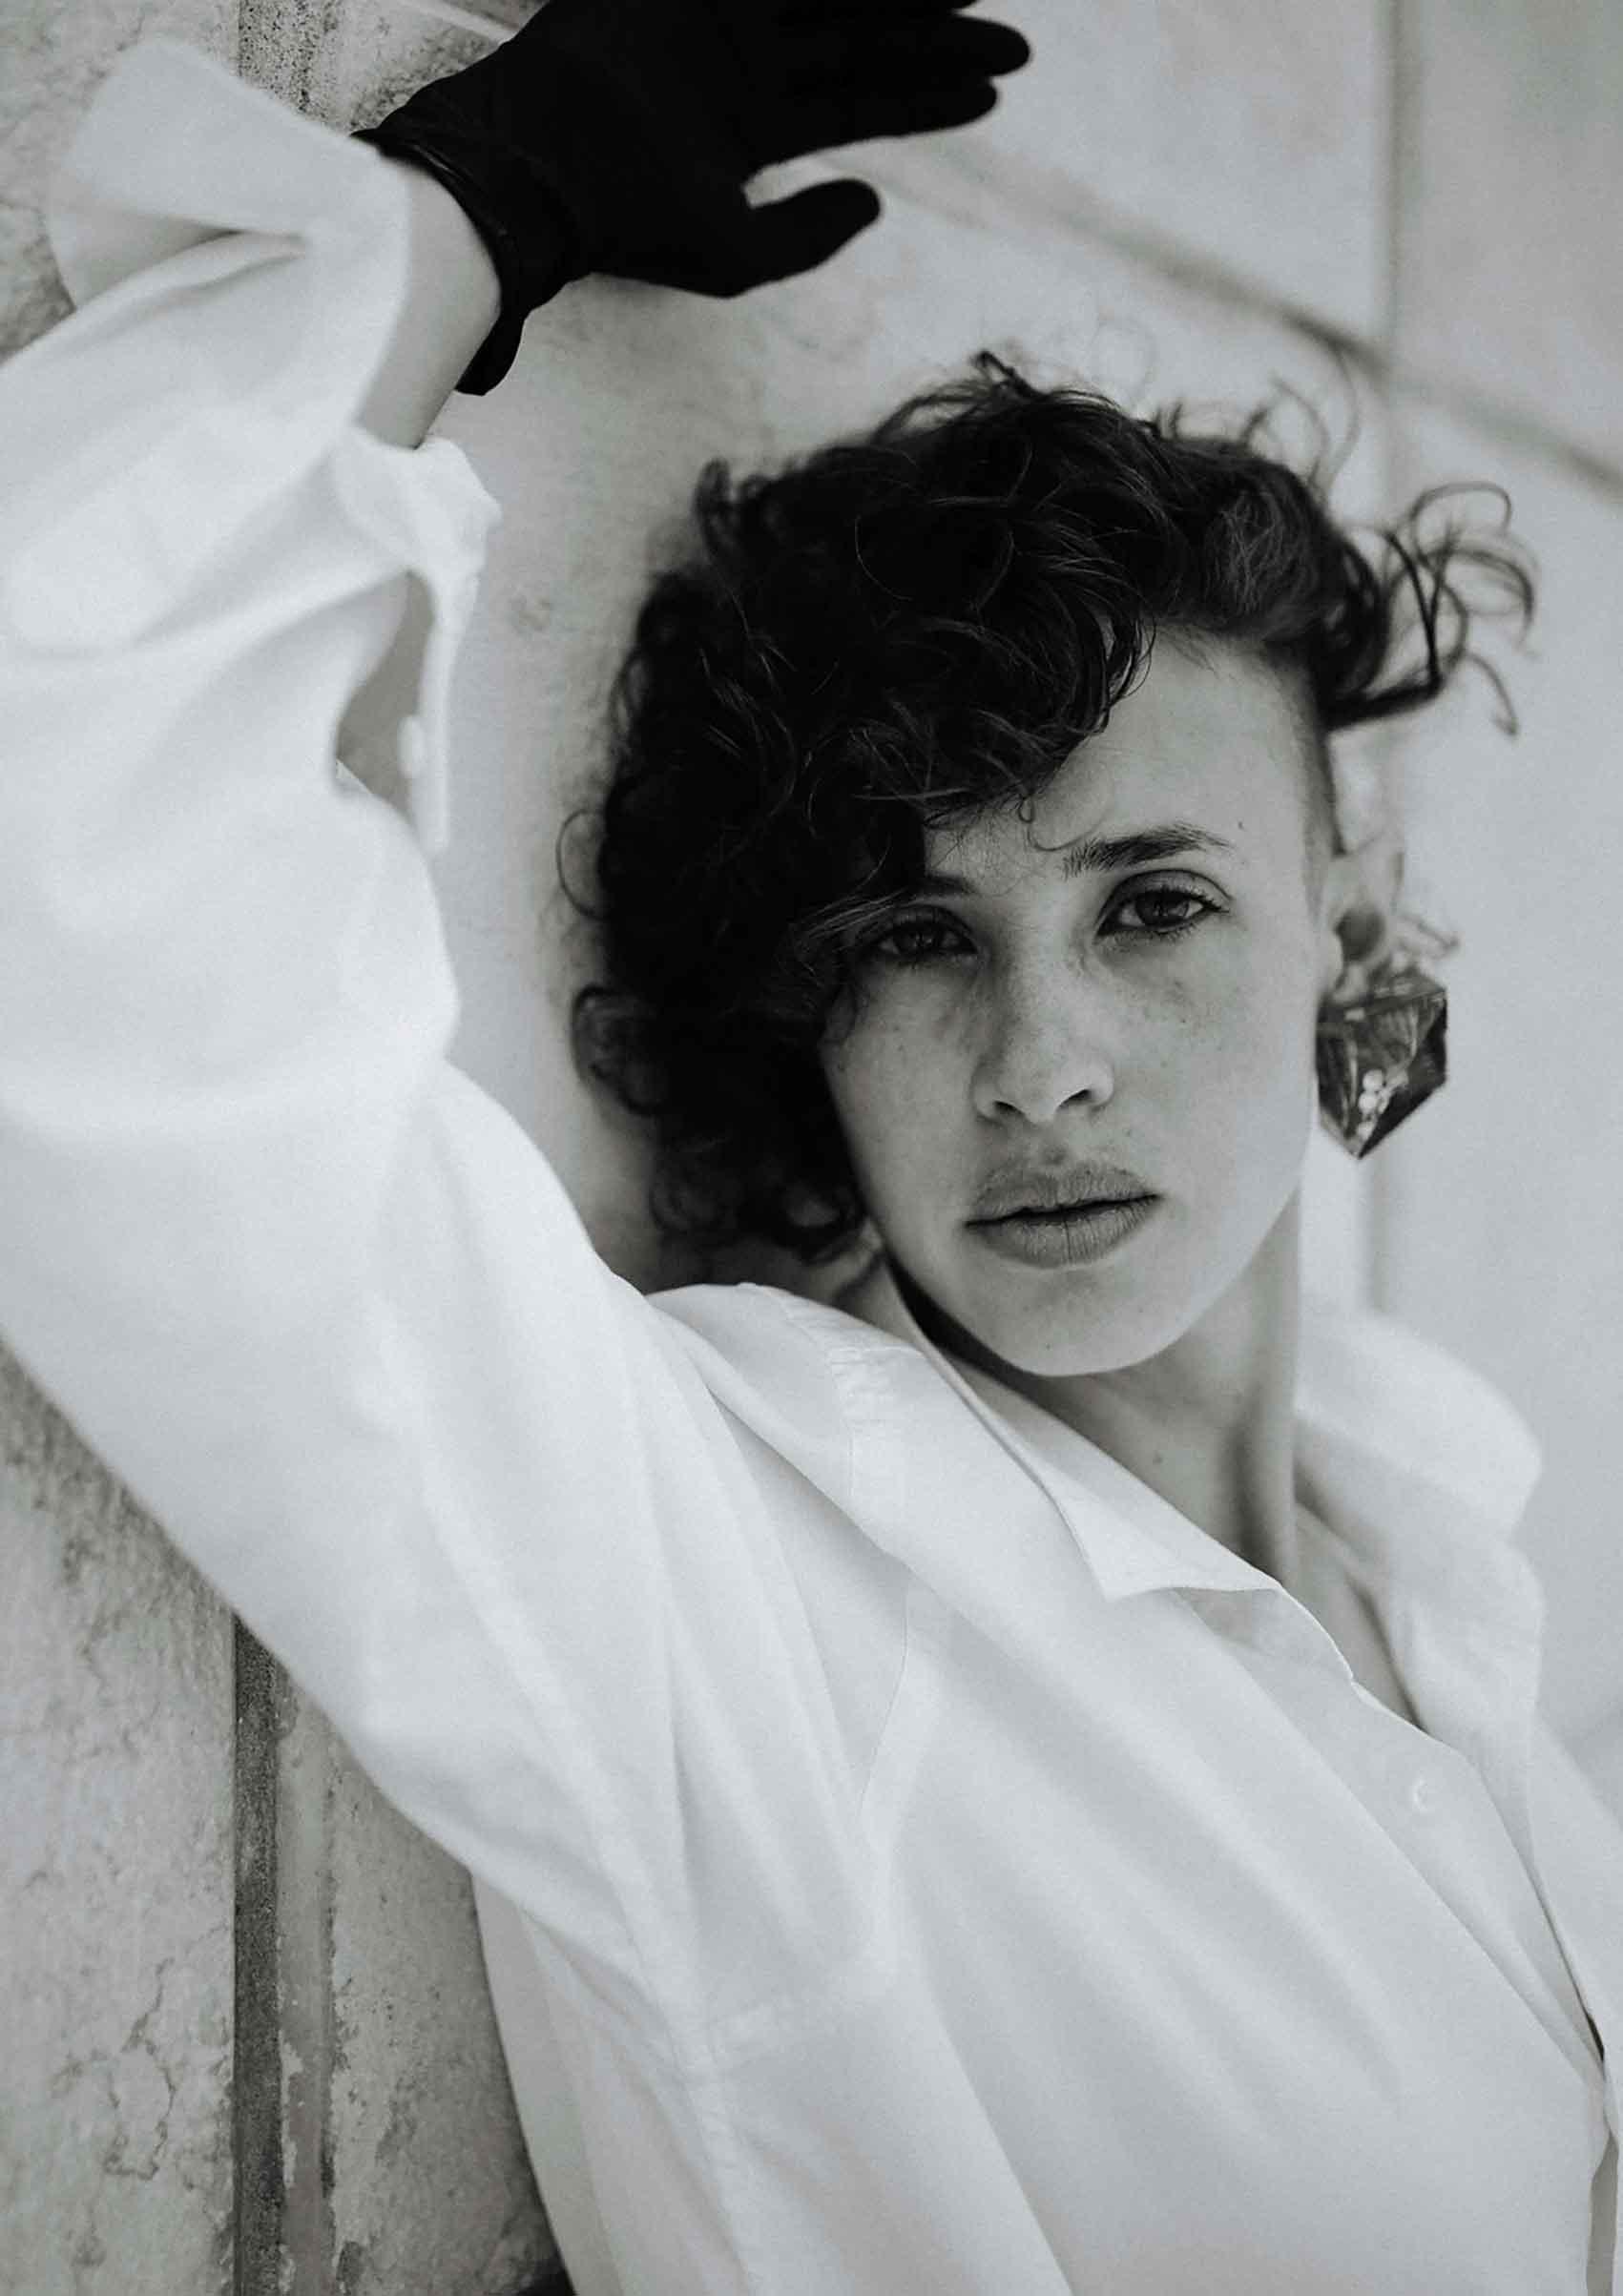 צילום-עיצוב-תכשיטים-הדר אלפסי-דוגמנית-רינה נקונצ'ני-Fashion Israel-מגזין-אופנה-ישראלי-הפקות-אופנה-2